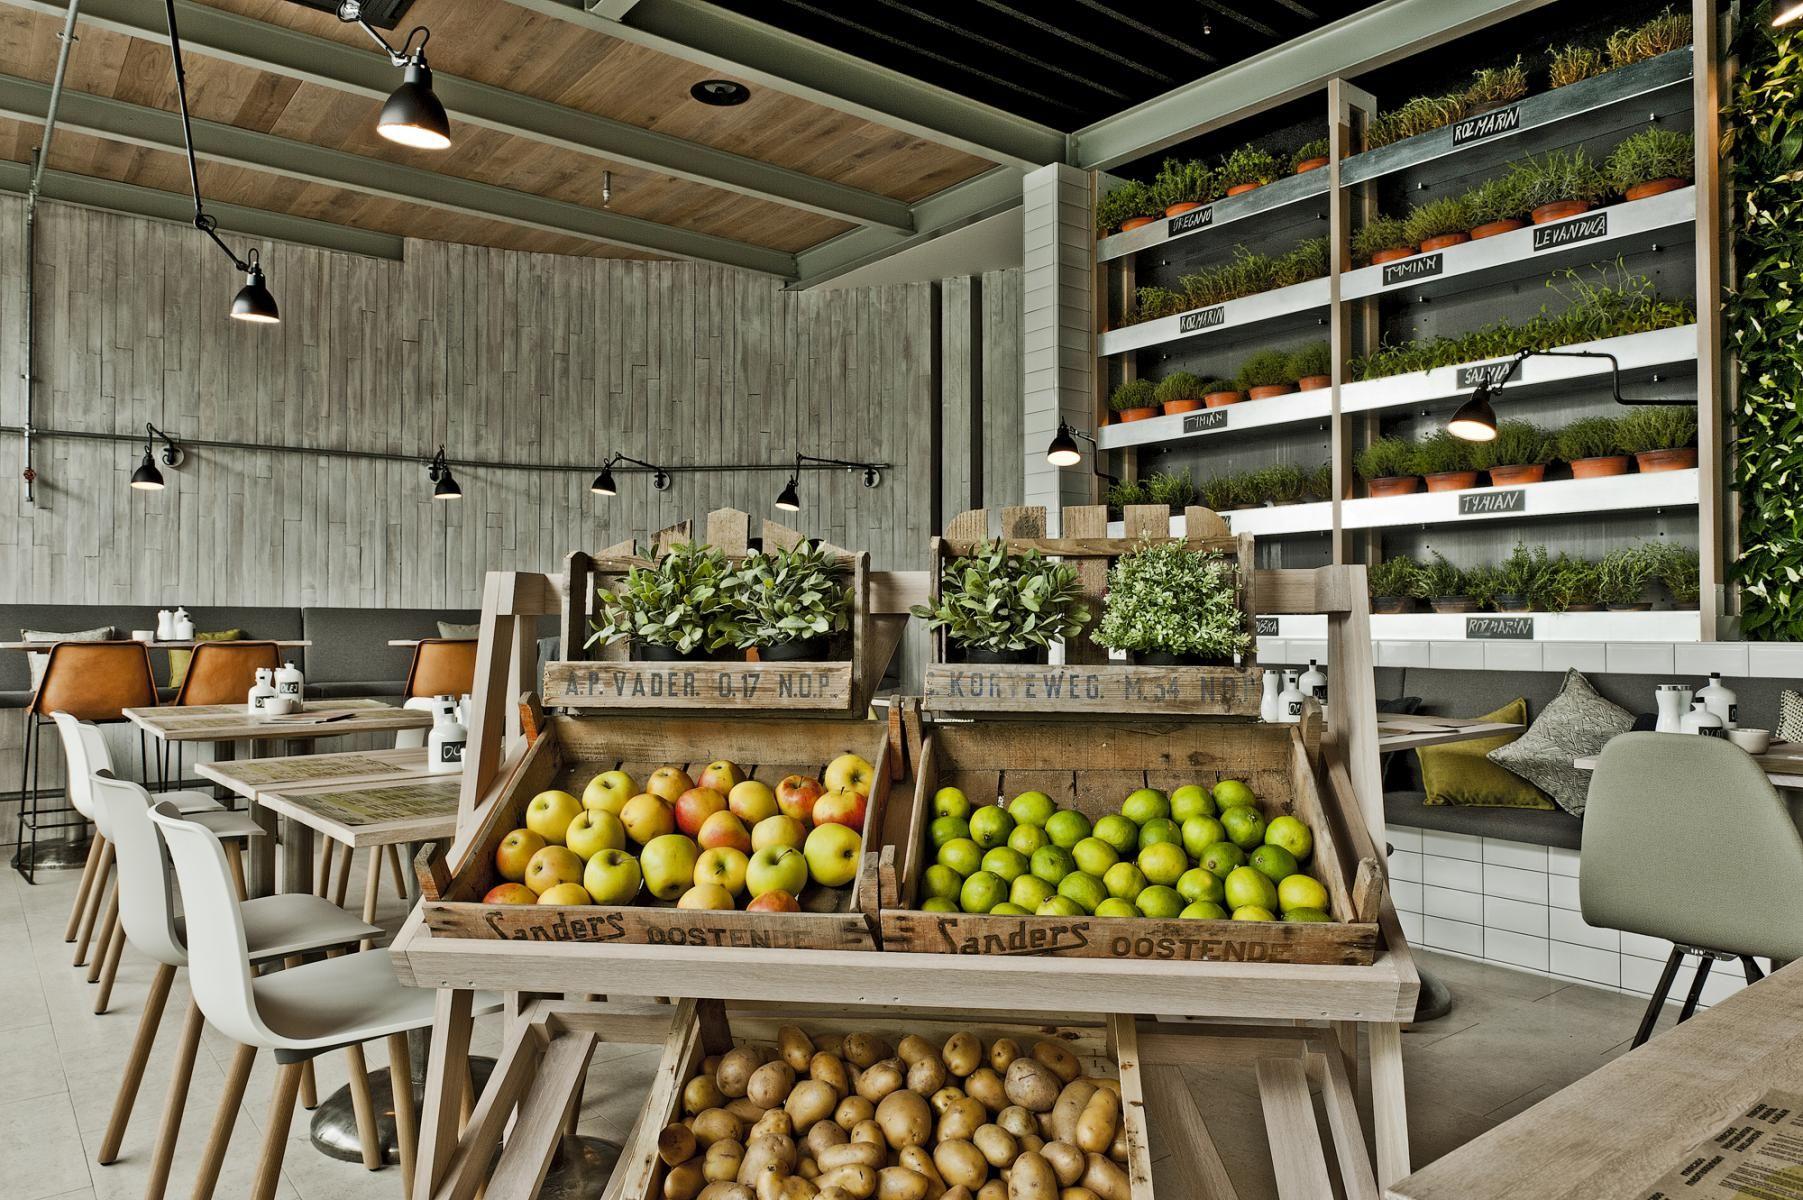 Eco cafe mercado bratislava green interior design